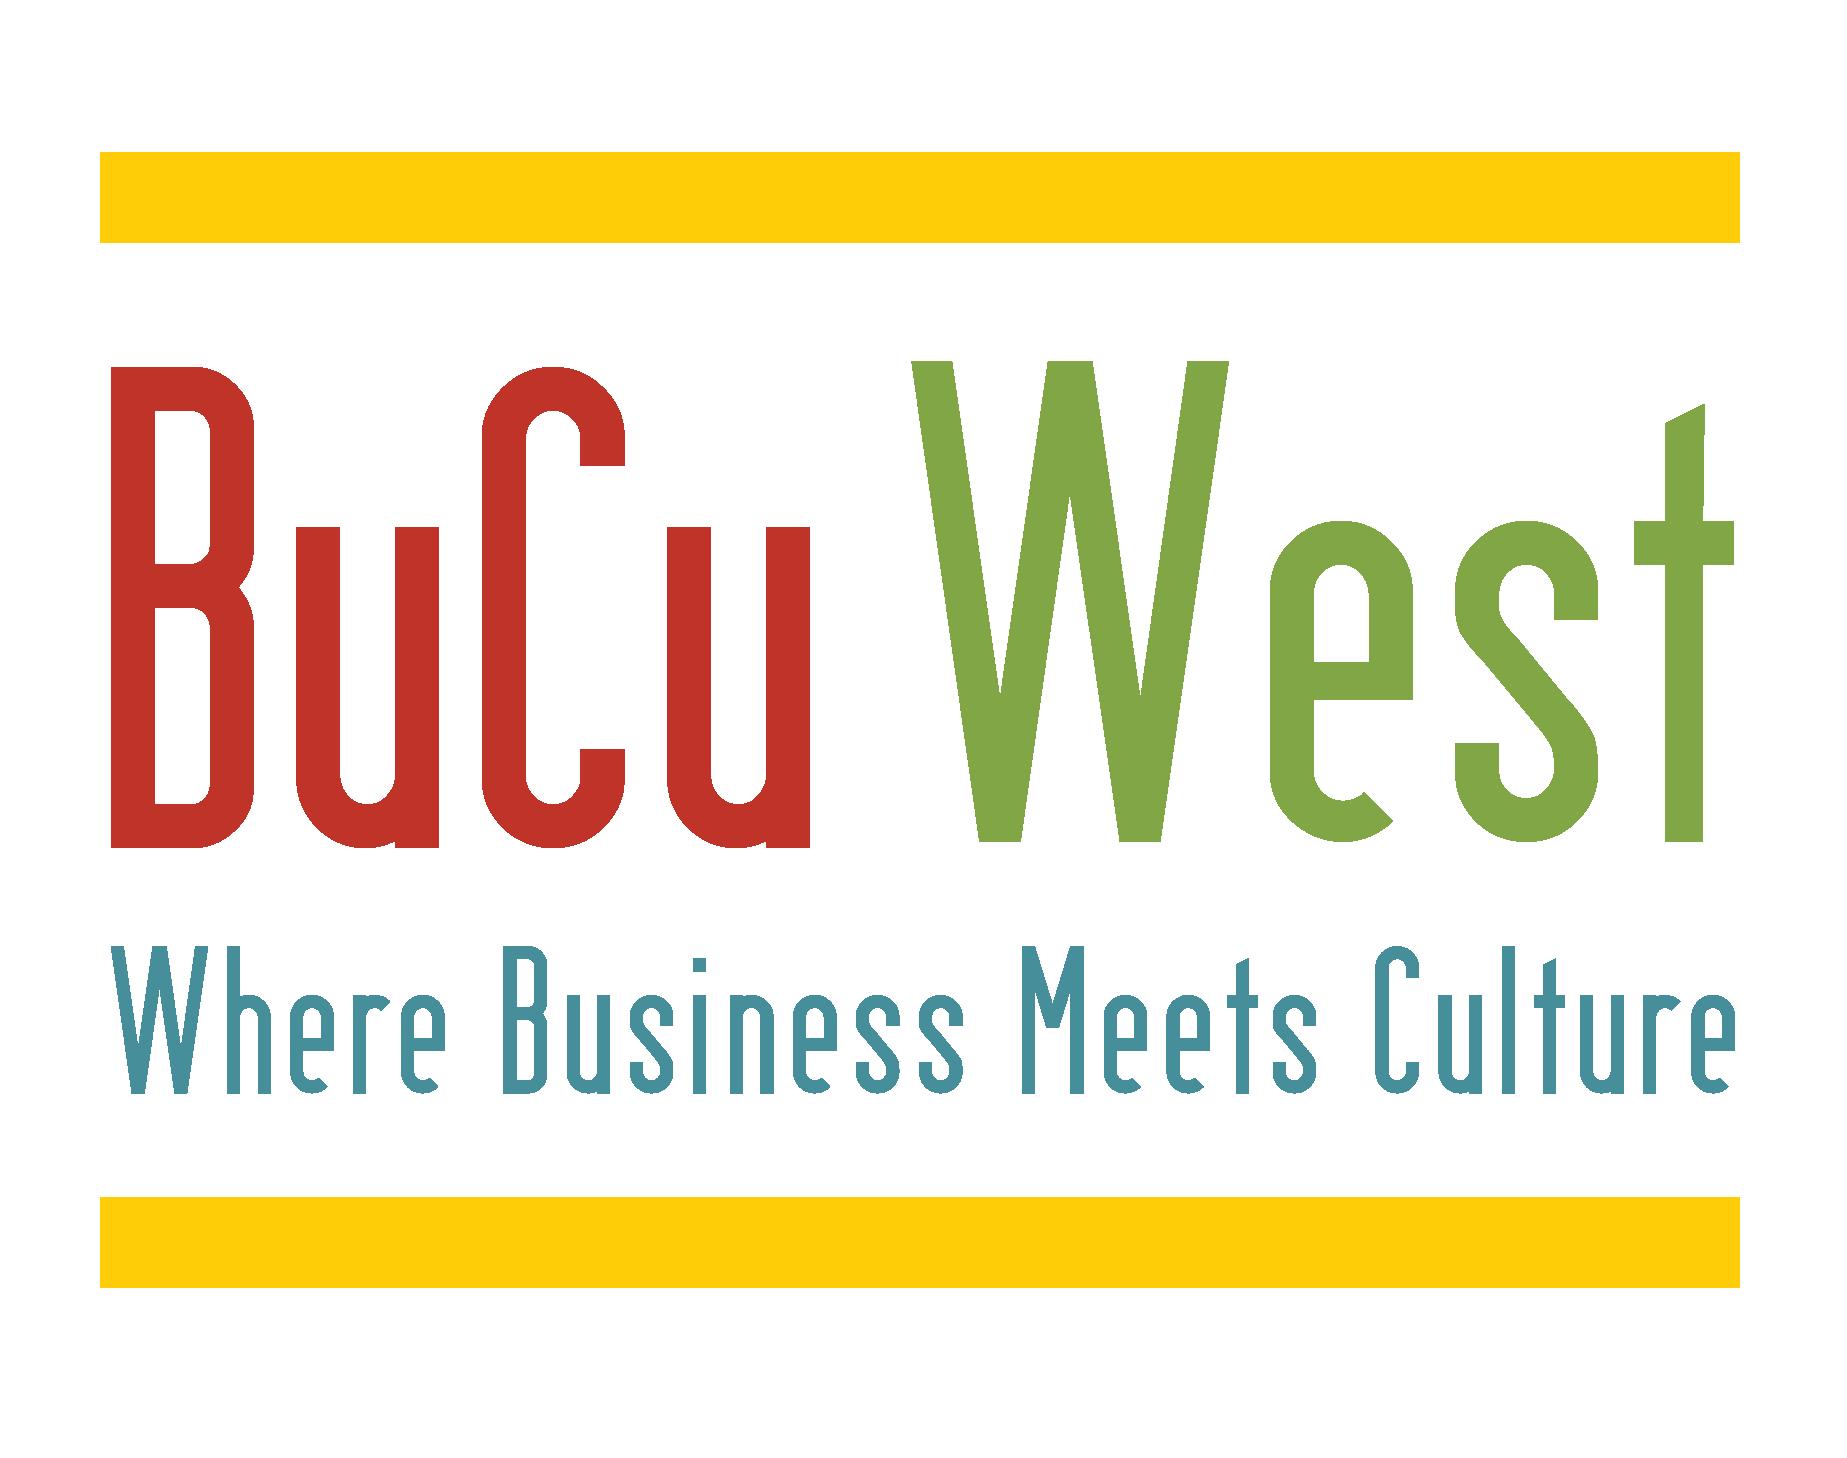 BUCU_Logo-PNG.png